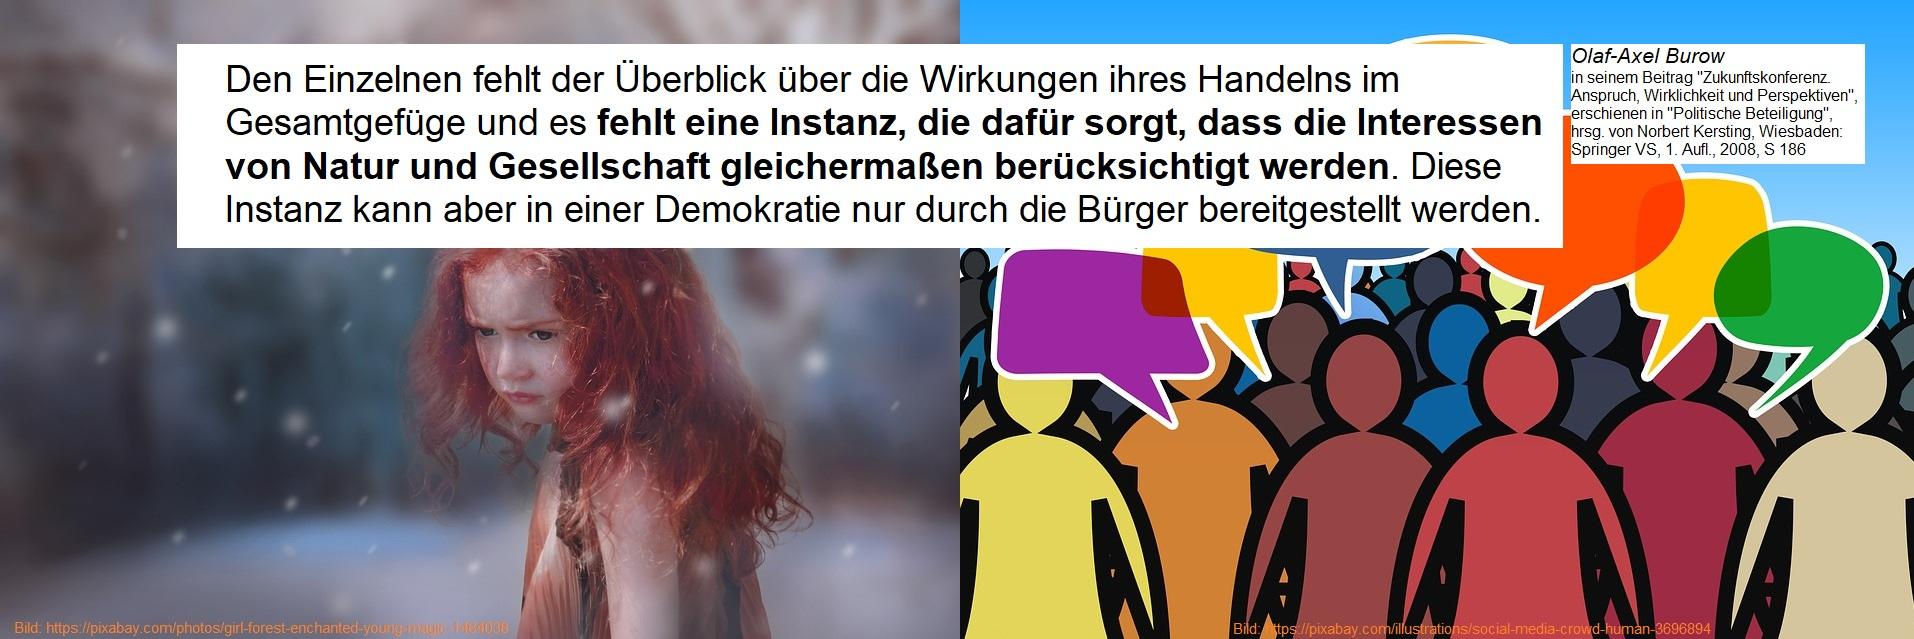 2019-07-15_olaf-axel-burow_den-einzelnen-fehlt-der-ueberblick_pixabay